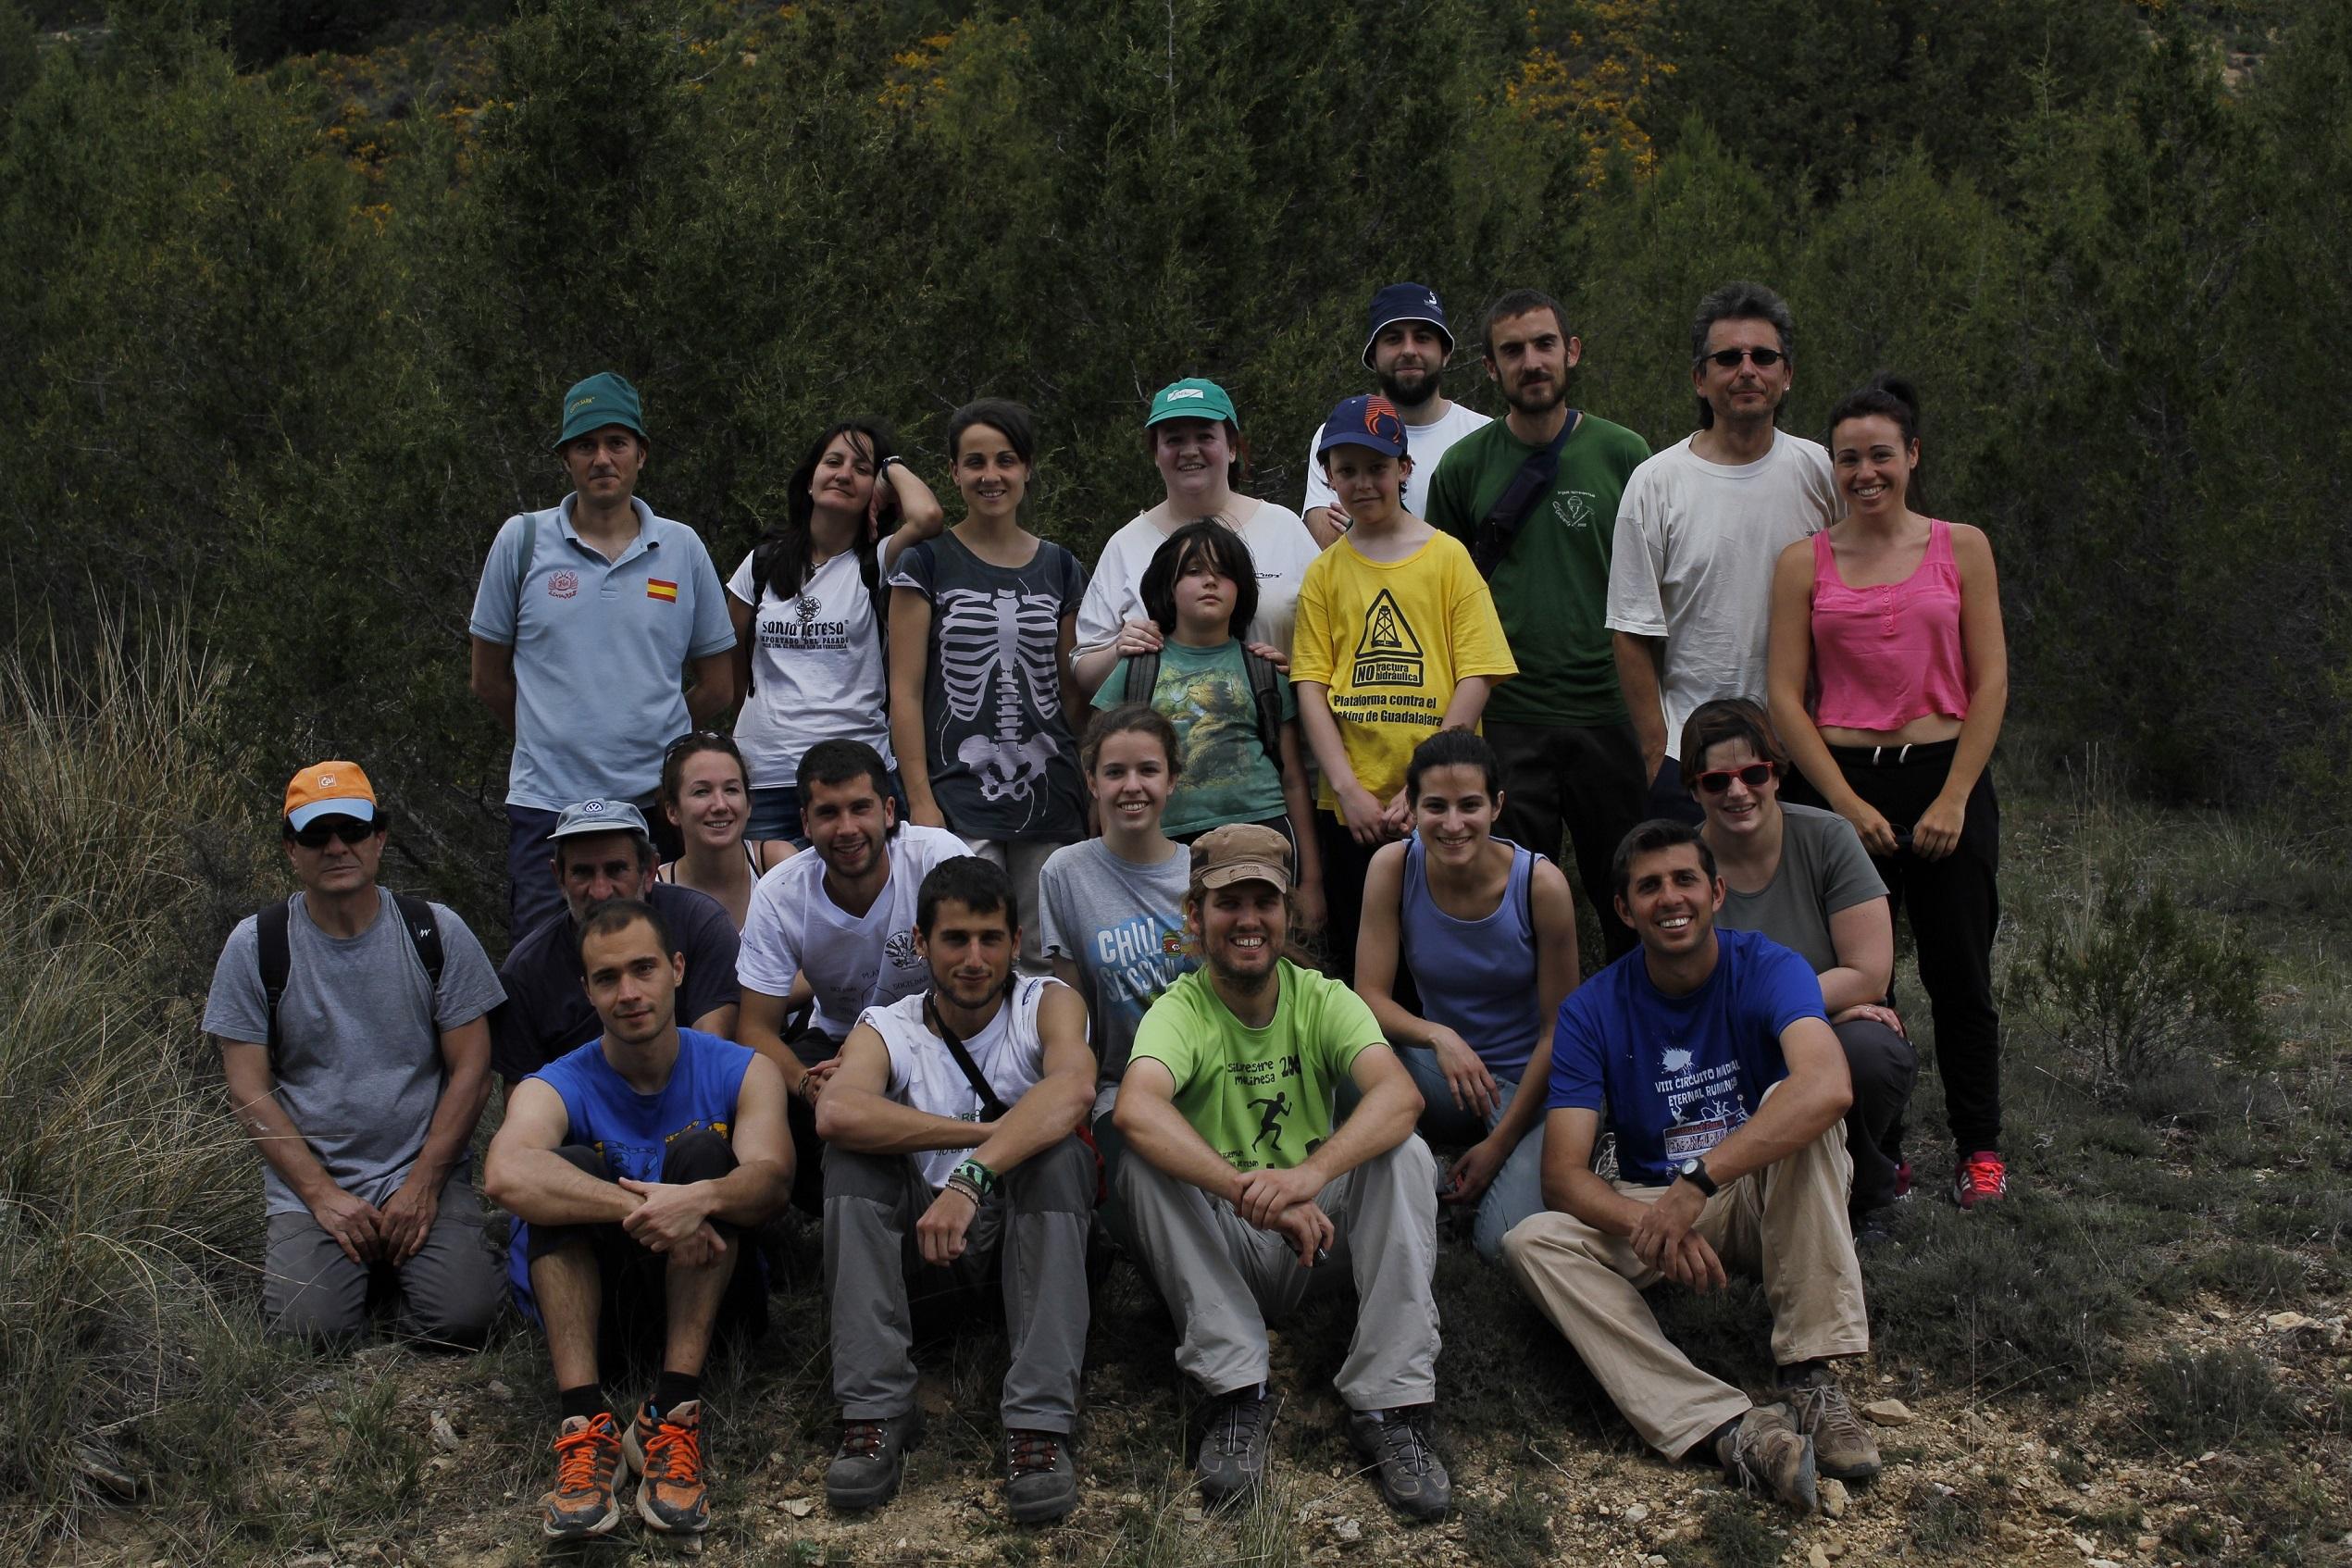 Voluntarios participantes en la actividad de Manantiales Vivos del 10 de mayo.